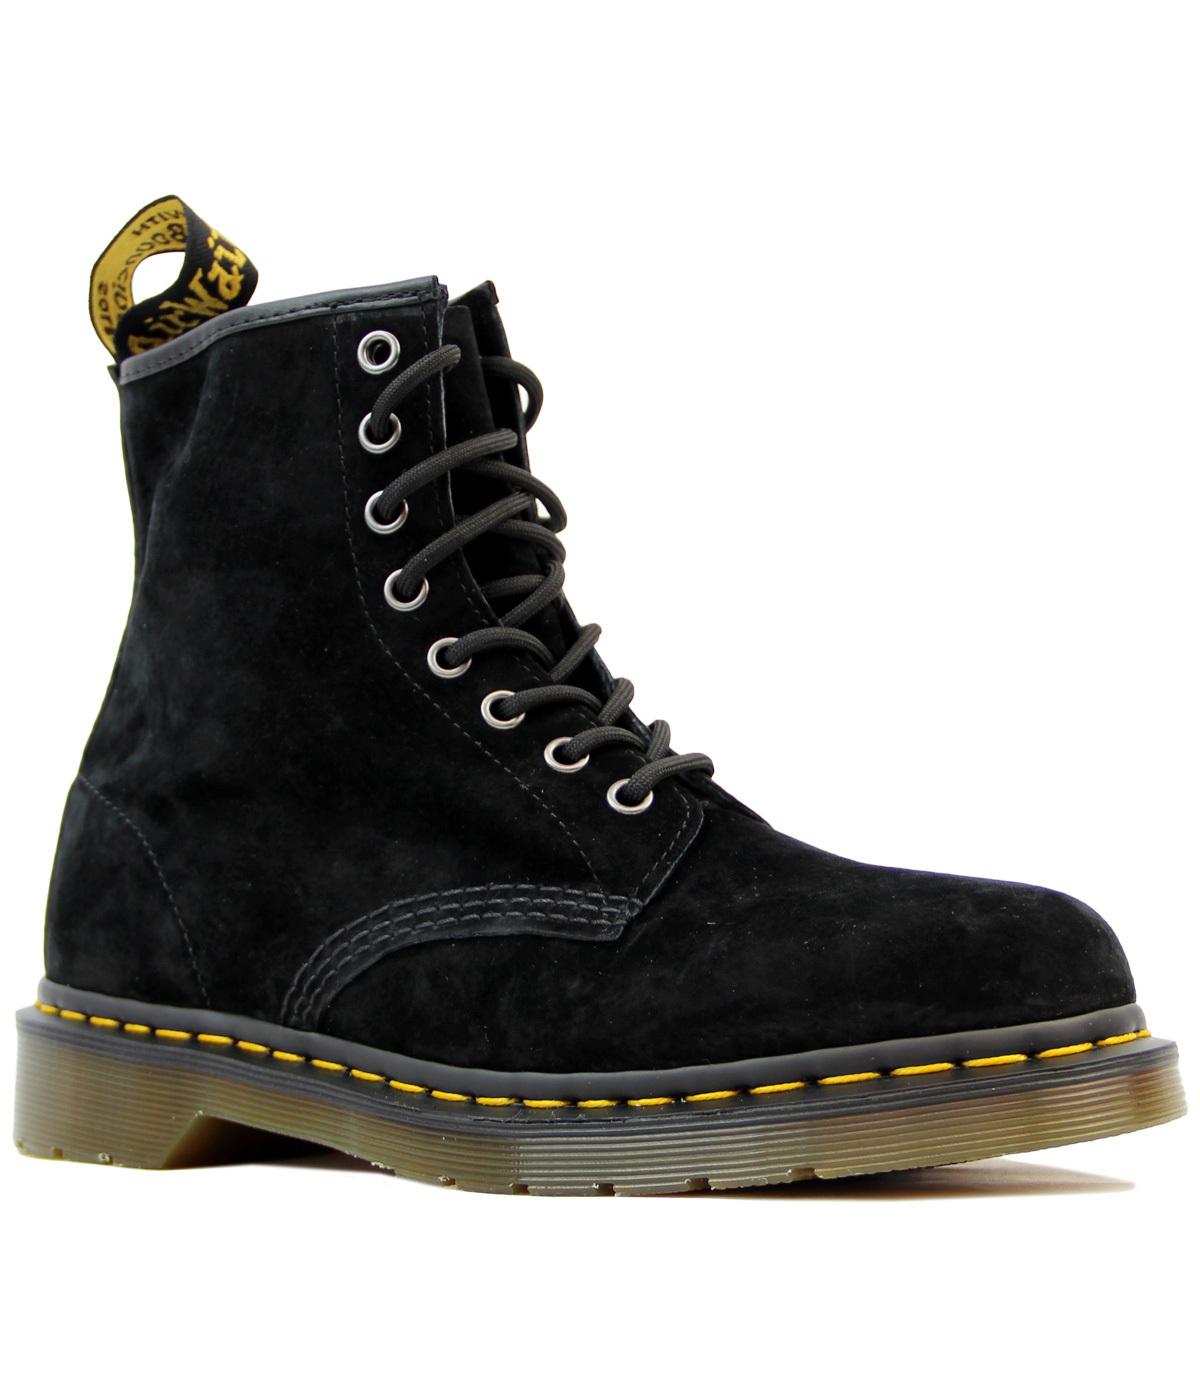 dr martens 1460 retro mod soft buck 8 eyelet boots in black. Black Bedroom Furniture Sets. Home Design Ideas